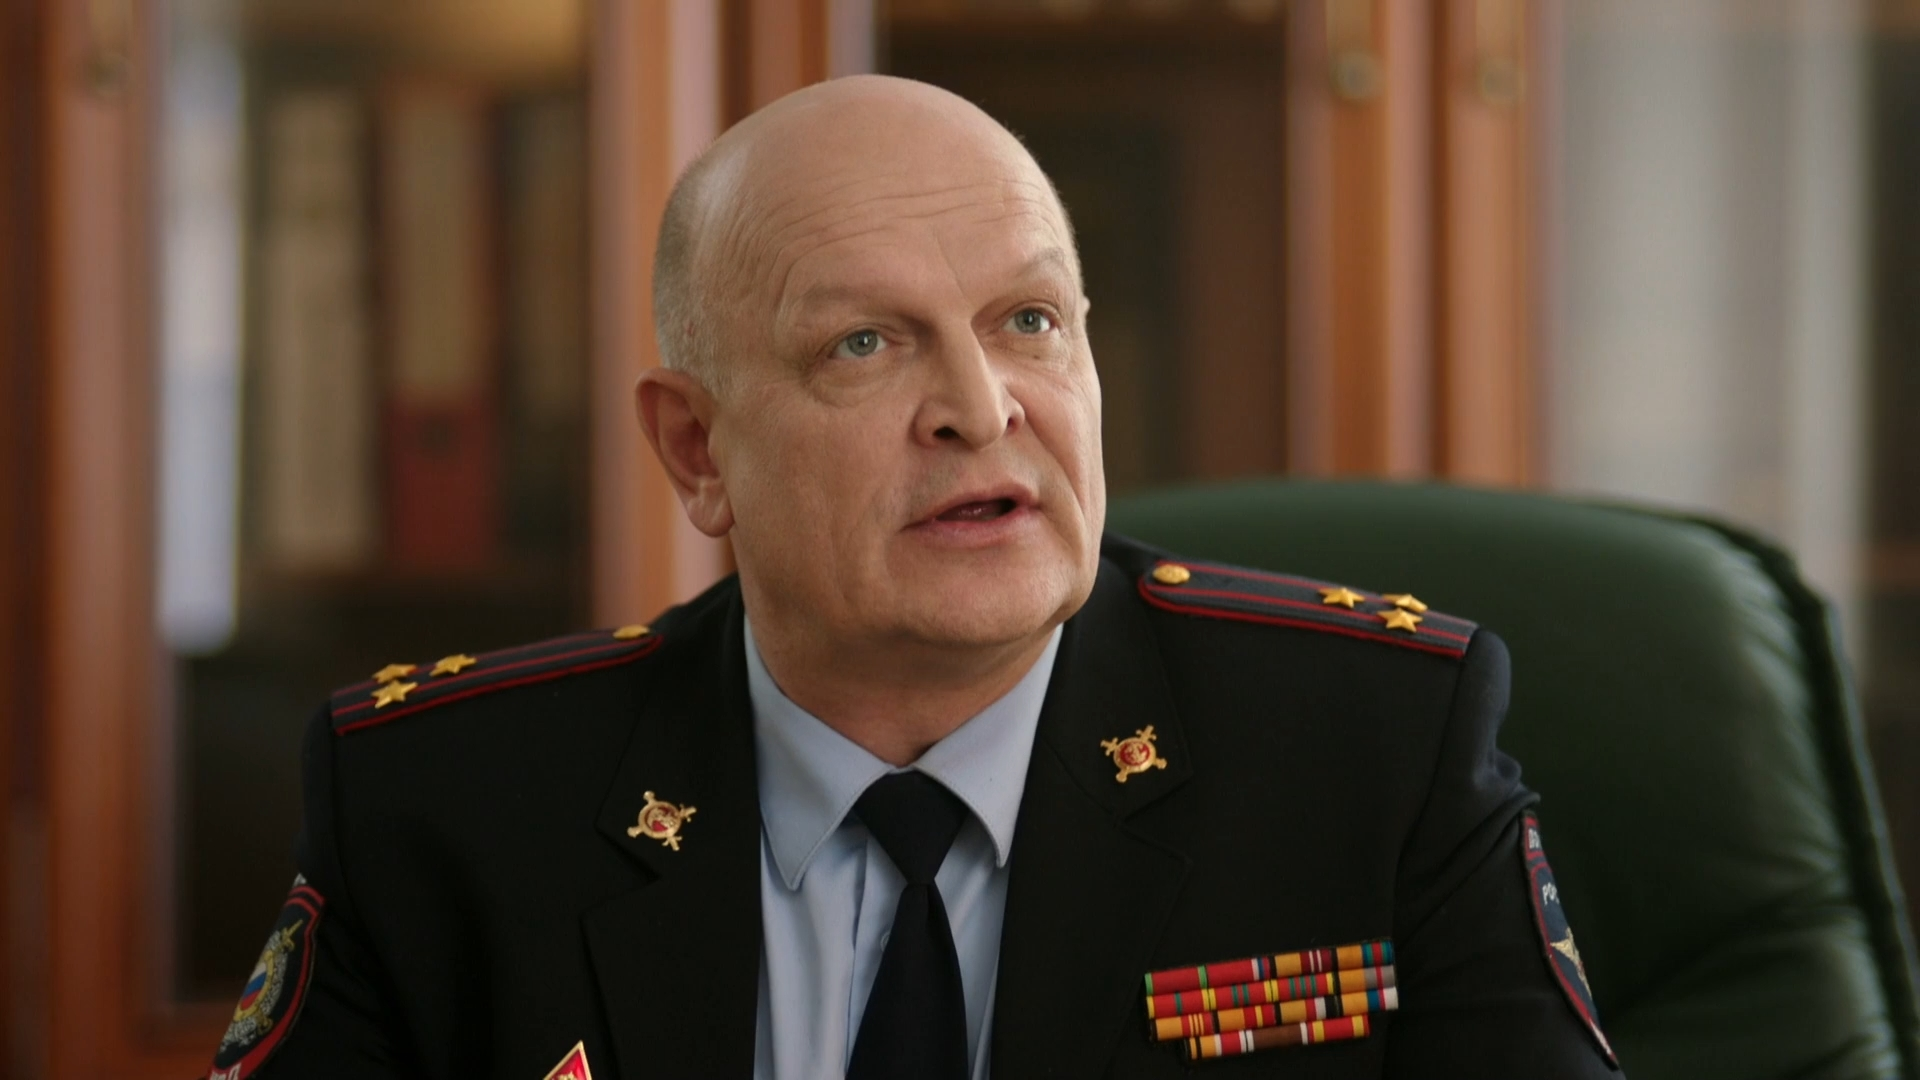 Изображение для Я иду тебя искать. Московское время / Серии 1-2 из 2 (2021) WEB-DL 1080p (кликните для просмотра полного изображения)